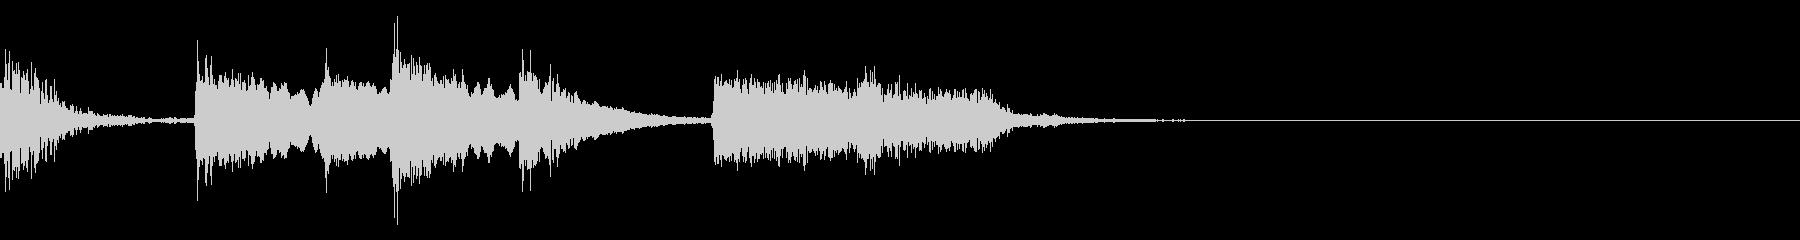 口笛のサウンドロゴの未再生の波形